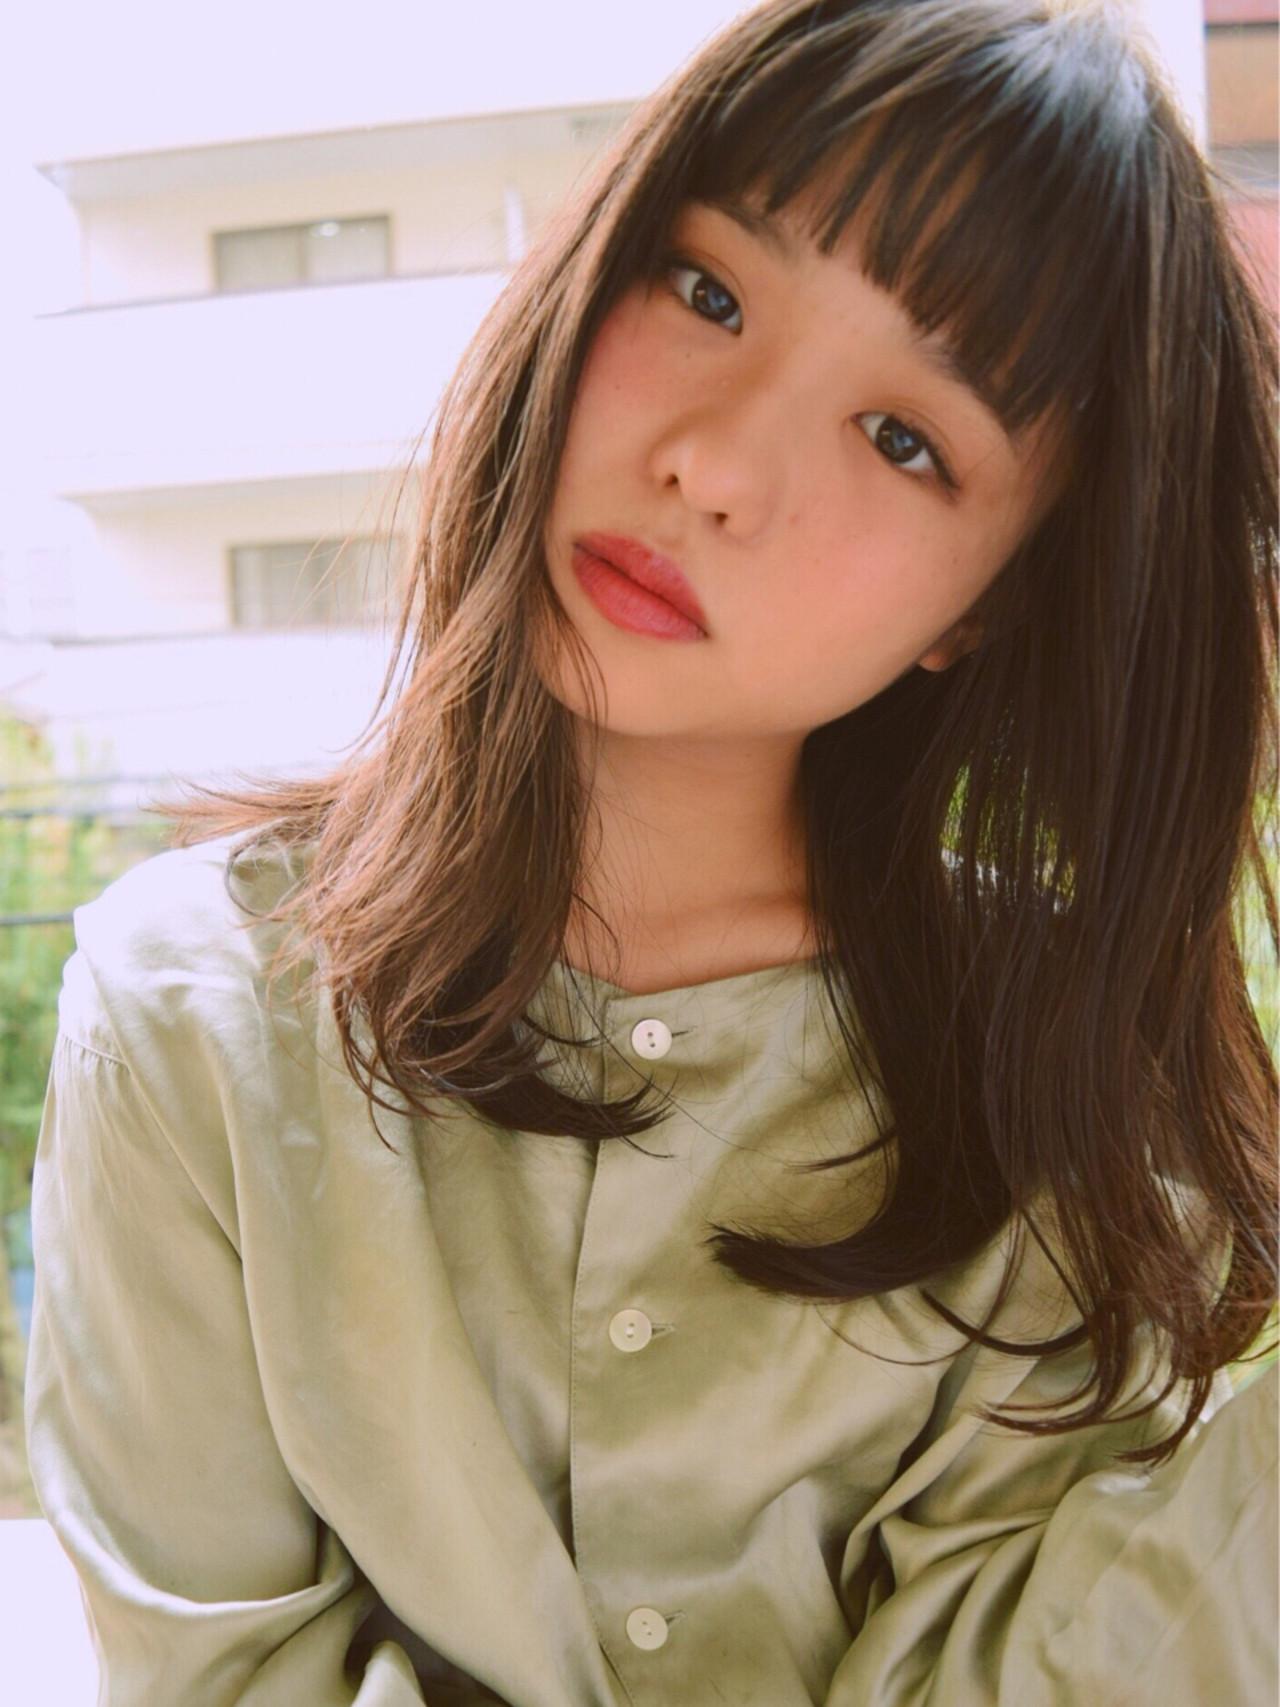 パーマでレベルアップ!無敵のかわいさ♡黒髪セミロング 神保 輝 / Neon.by.newton